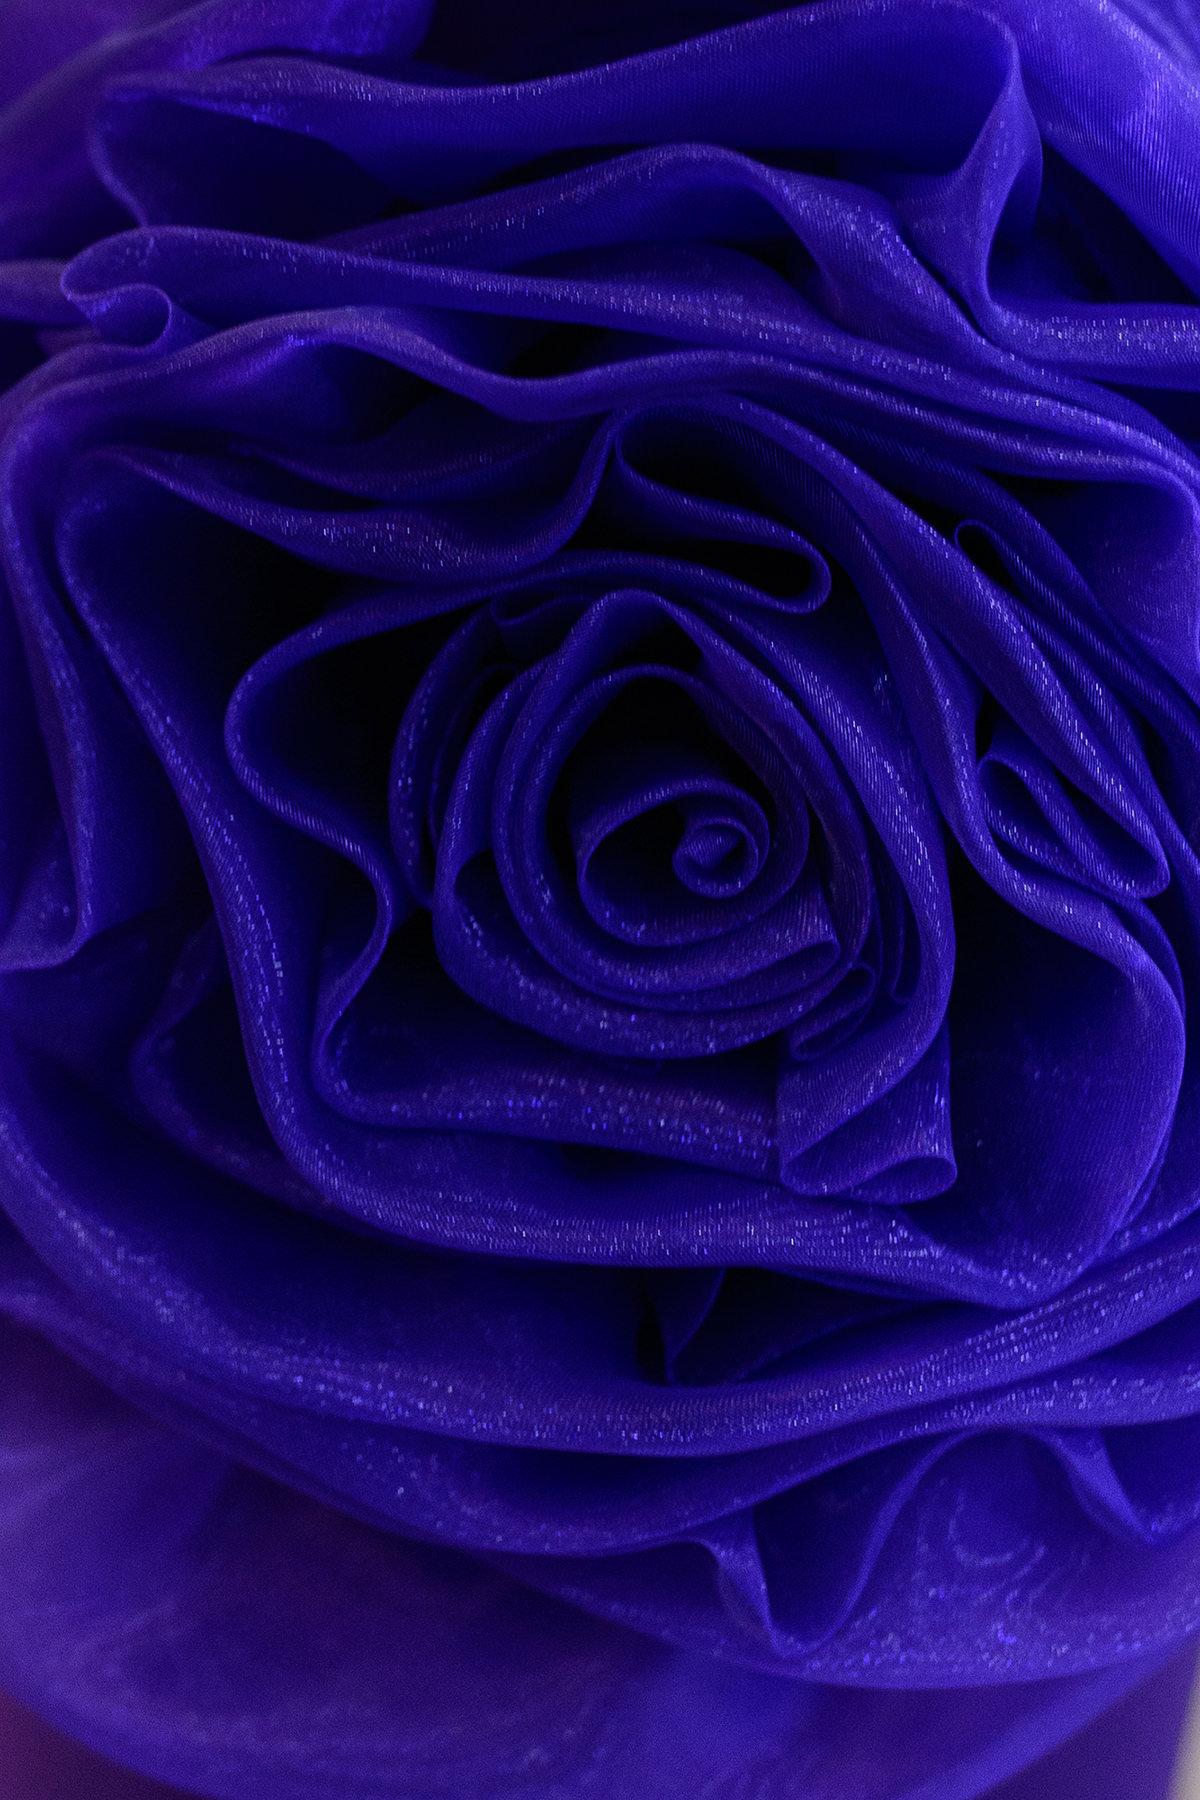 Платье Претти 409 АРТ. 6713 Цвет: Тёмный-фиолет - фото 3, интернет магазин tm-modus.ru